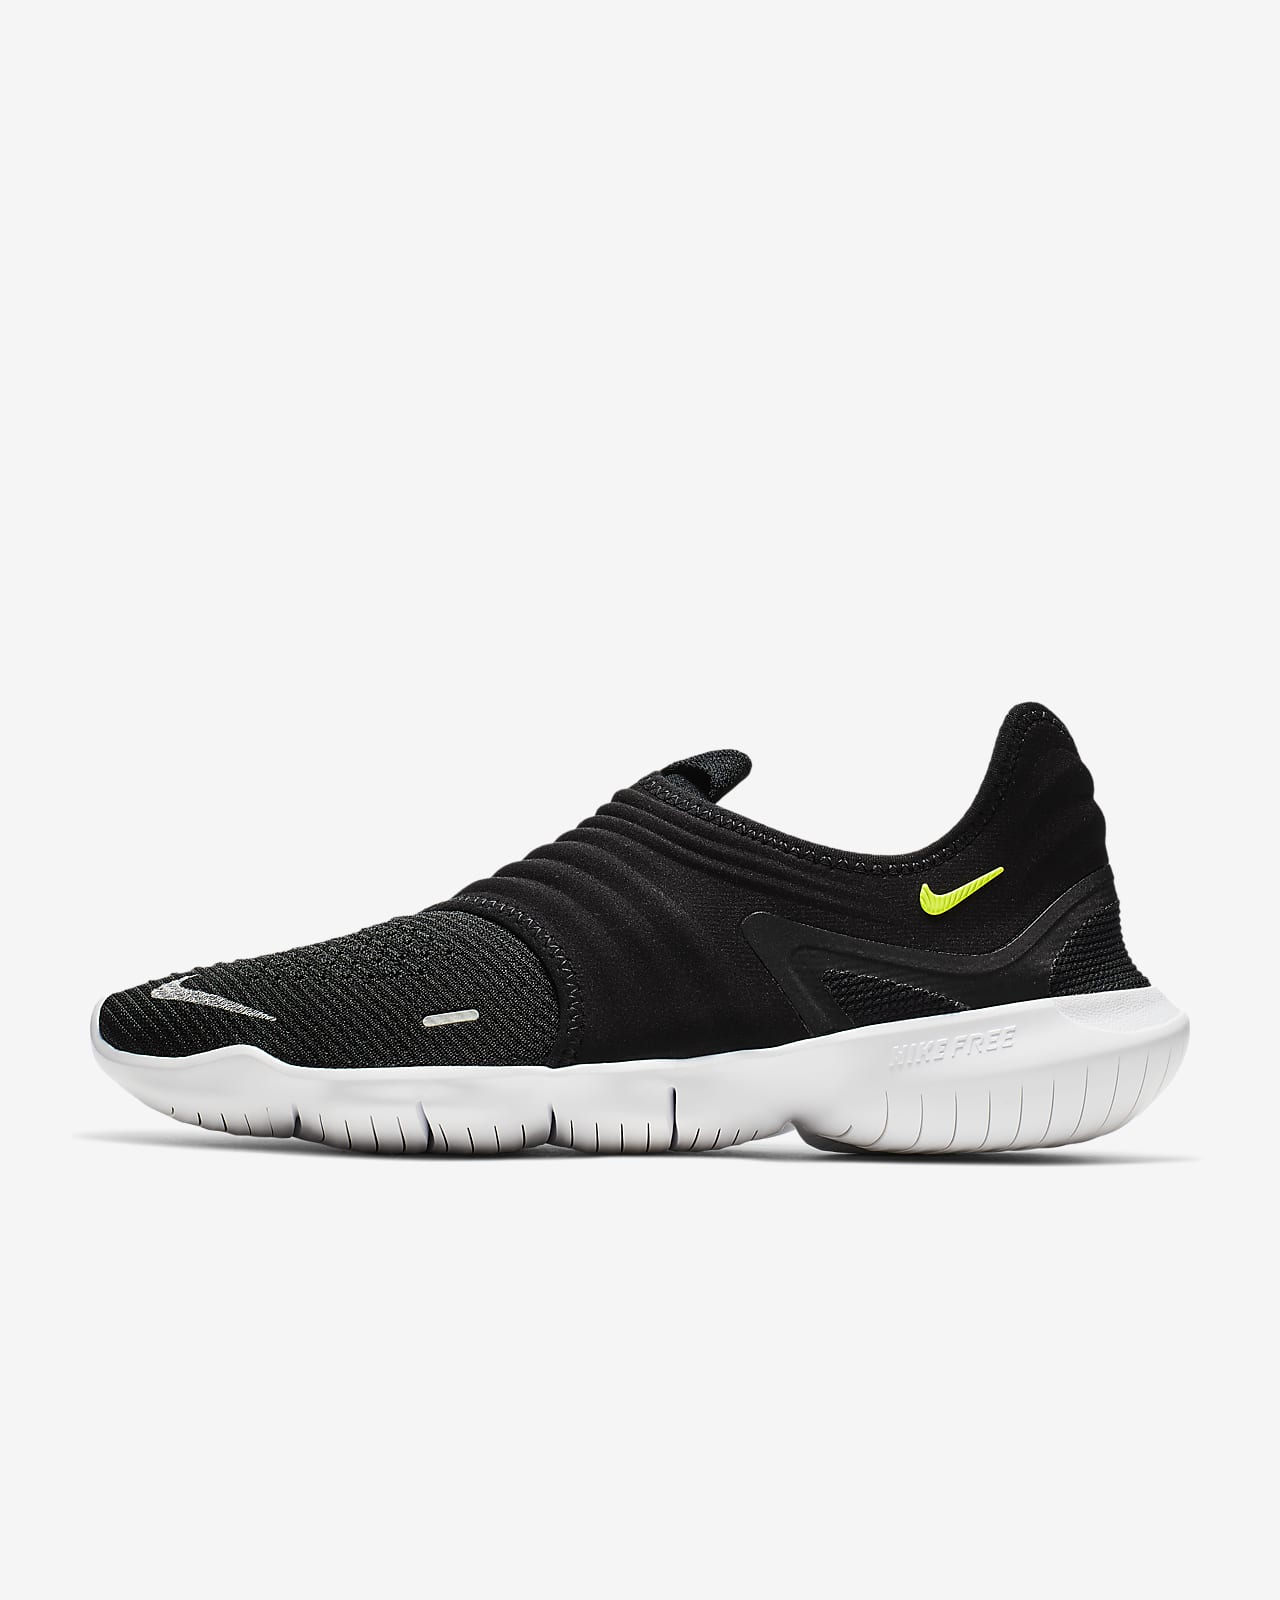 รองเท้าวิ่งผู้ชาย Nike Free RN Flyknit 3.0